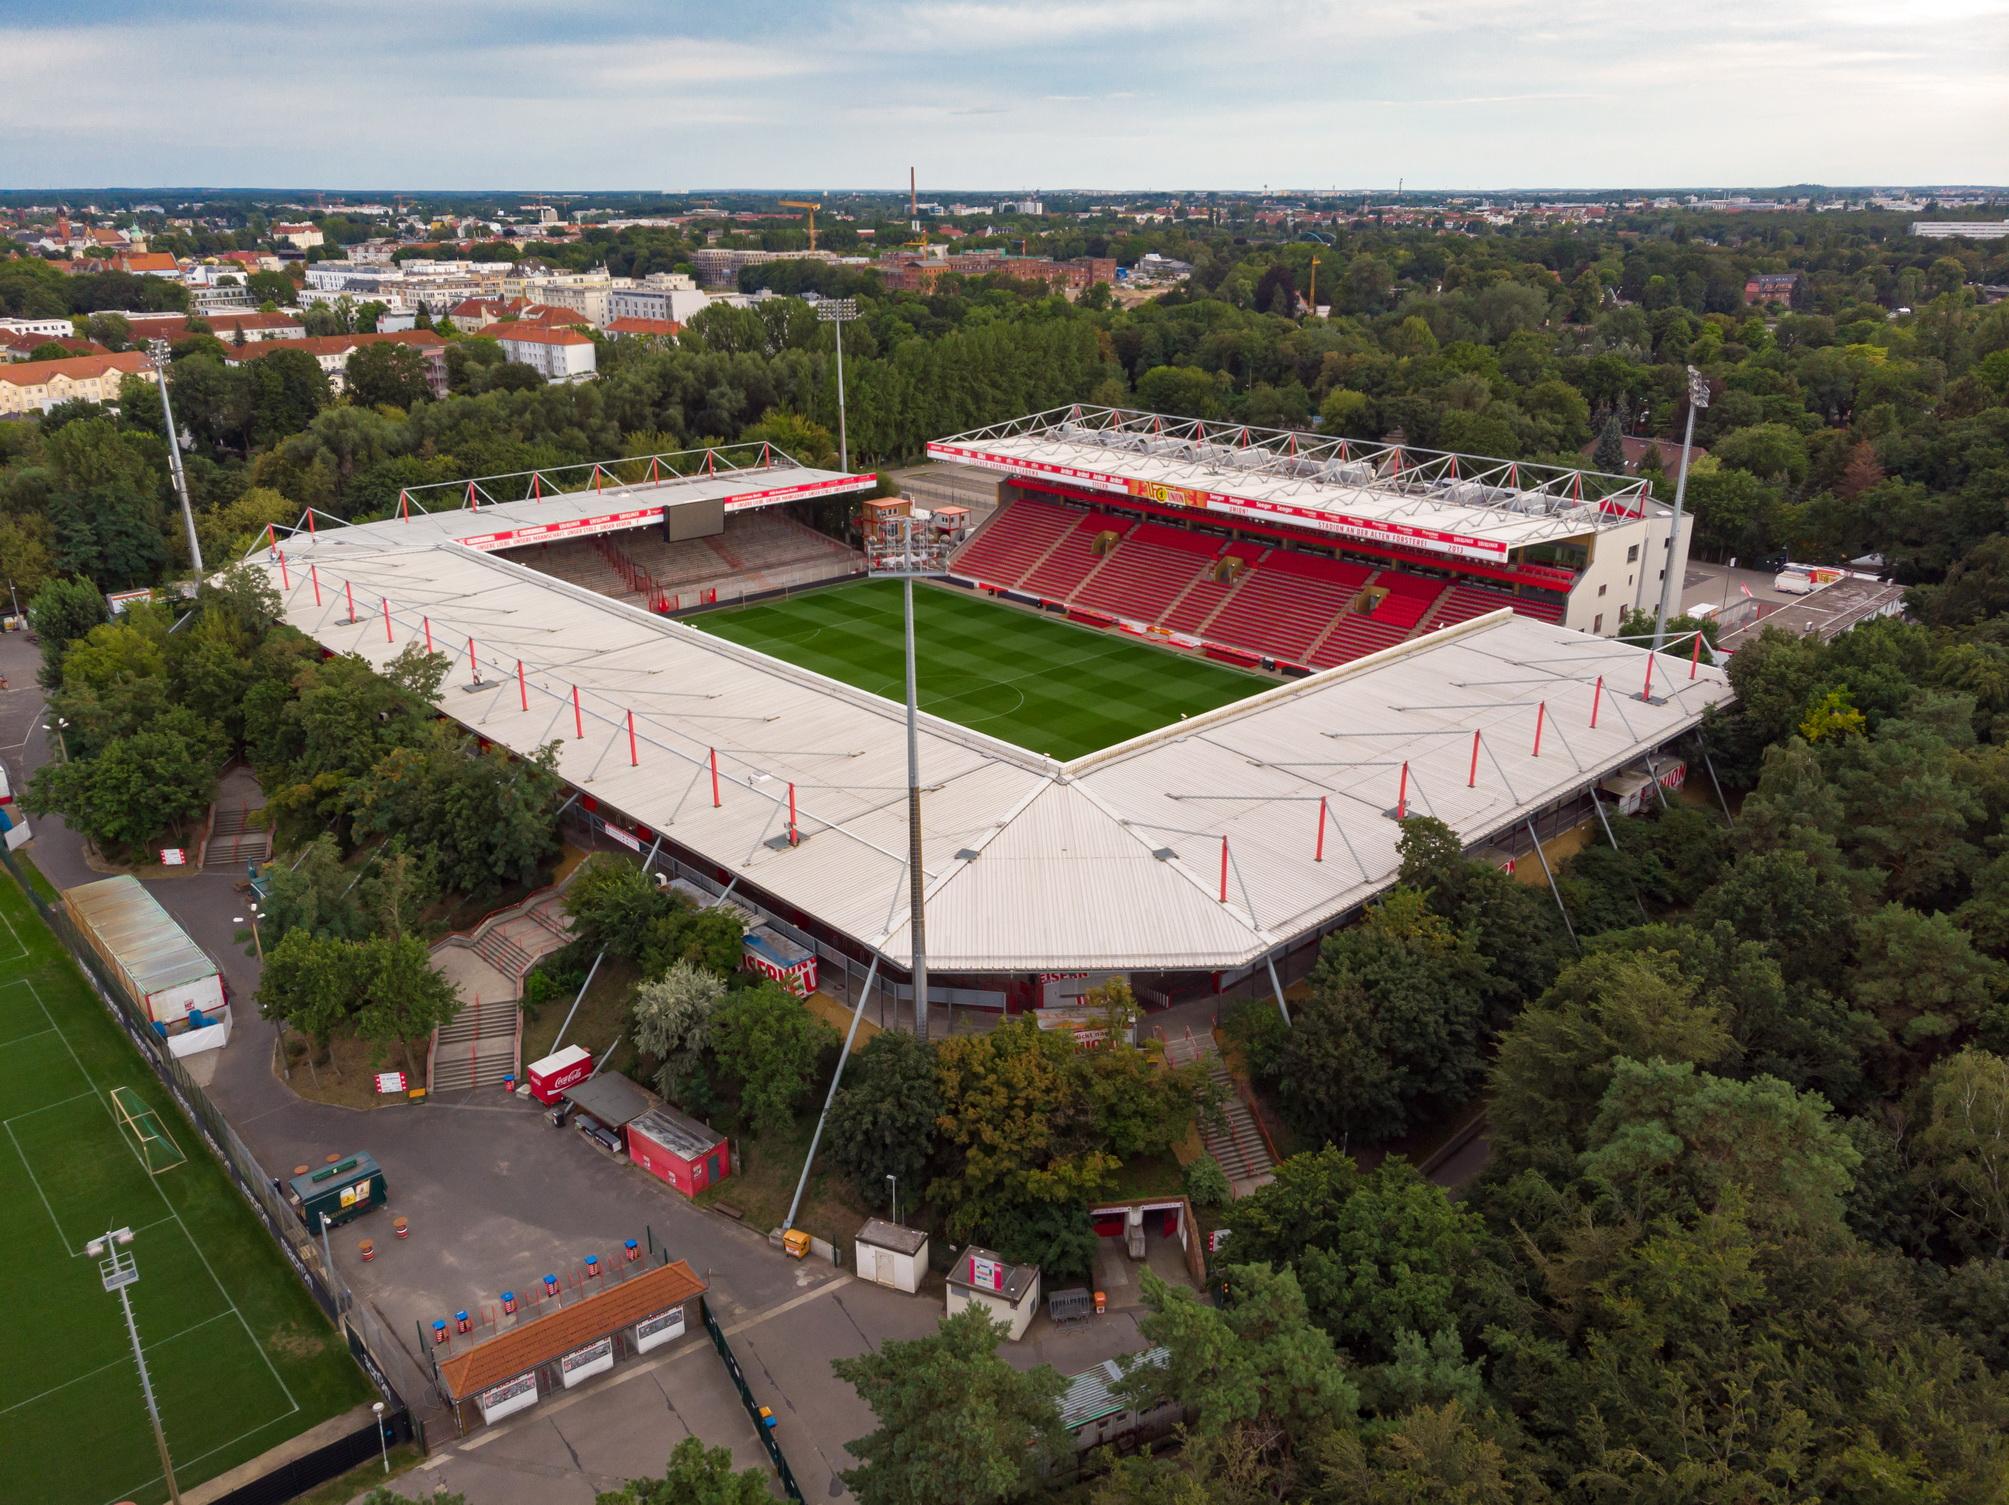 Stadion An der Alten Försterei - Wikipedia